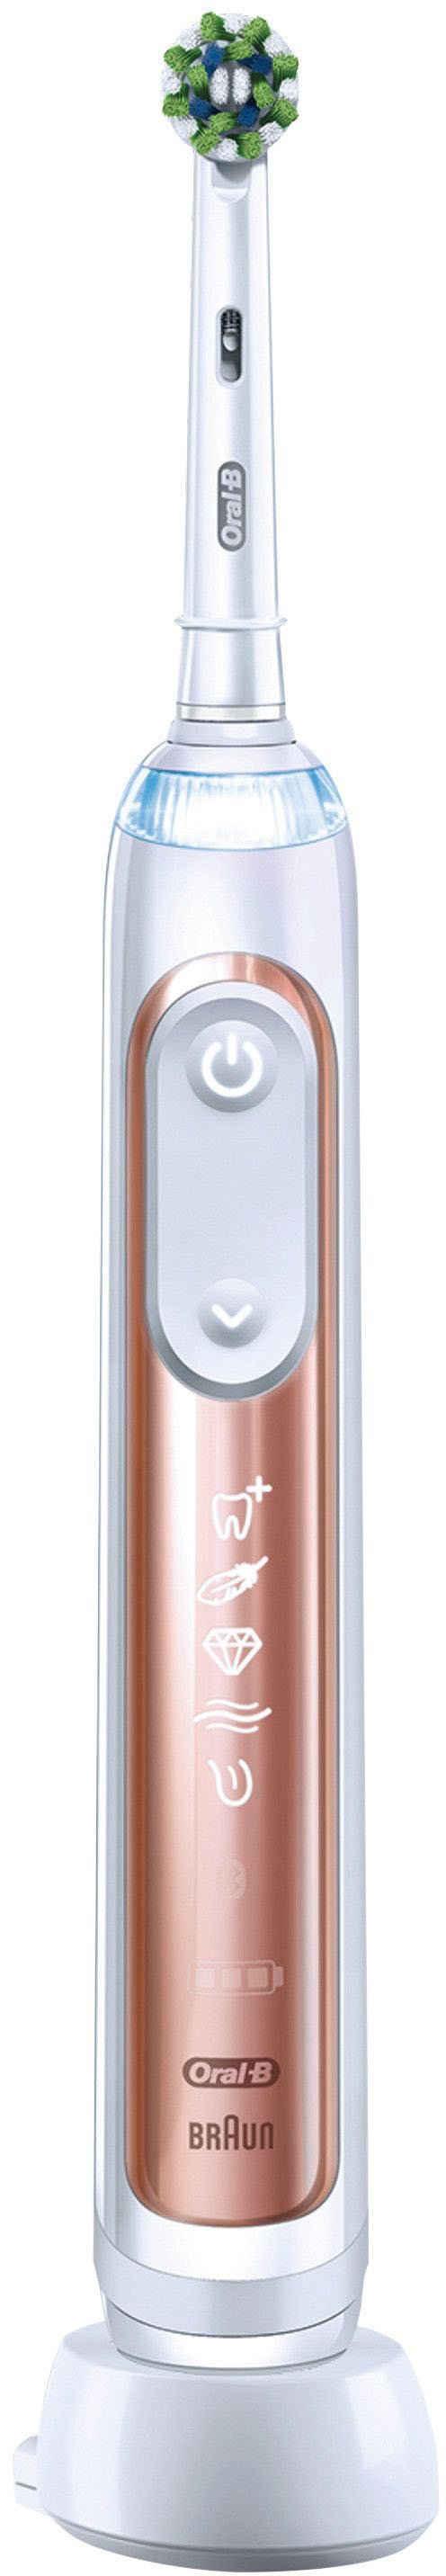 Oral B Elektrische Zahnbürste Genius X, mit künstlicher Intelligenz & Putztechnikerkennung, visuelle Andruckkontrolle, 6 Putzmodi inkl. Sensitiv, Timer